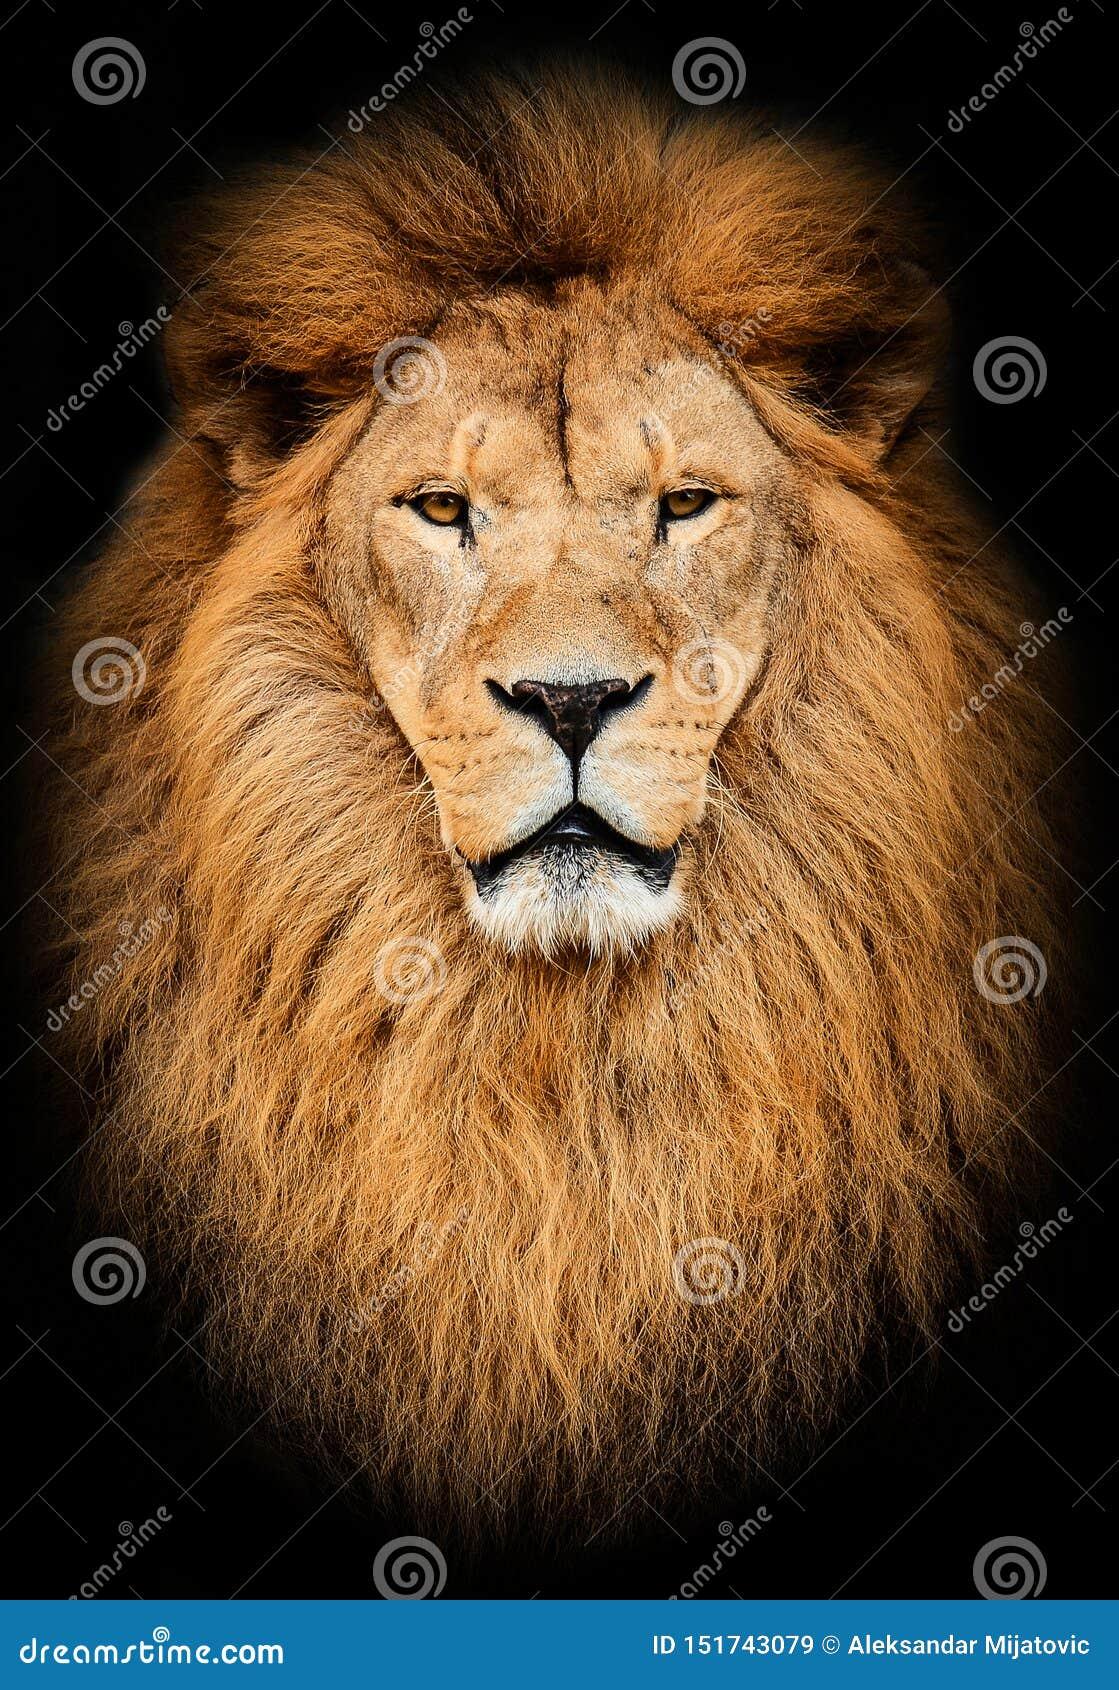 Retrato del león africano masculino hermoso enorme contra fondo negro